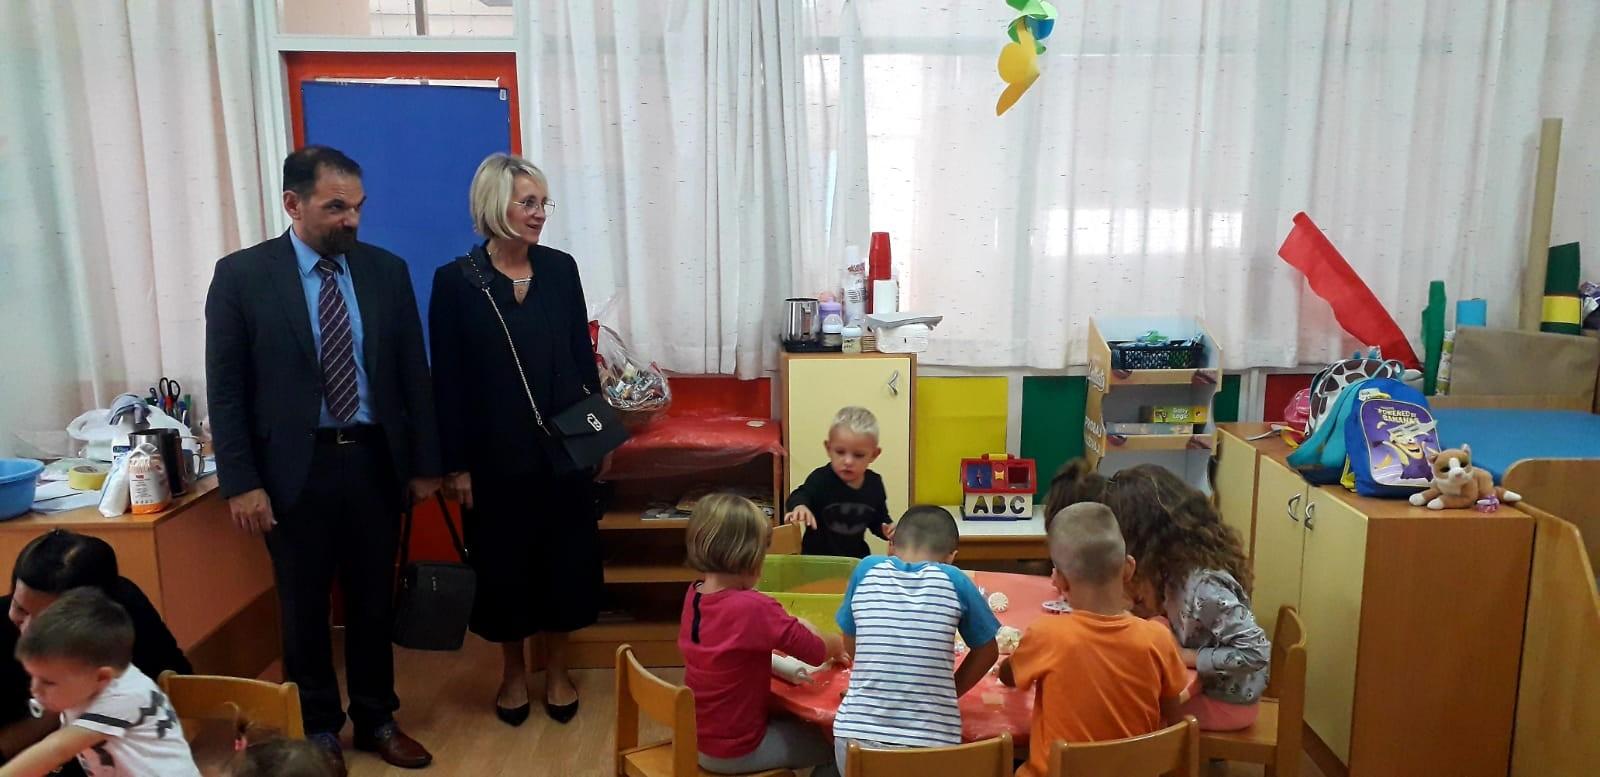 Grad ZA djecu – subota u dječjem vrtiću Pčelica